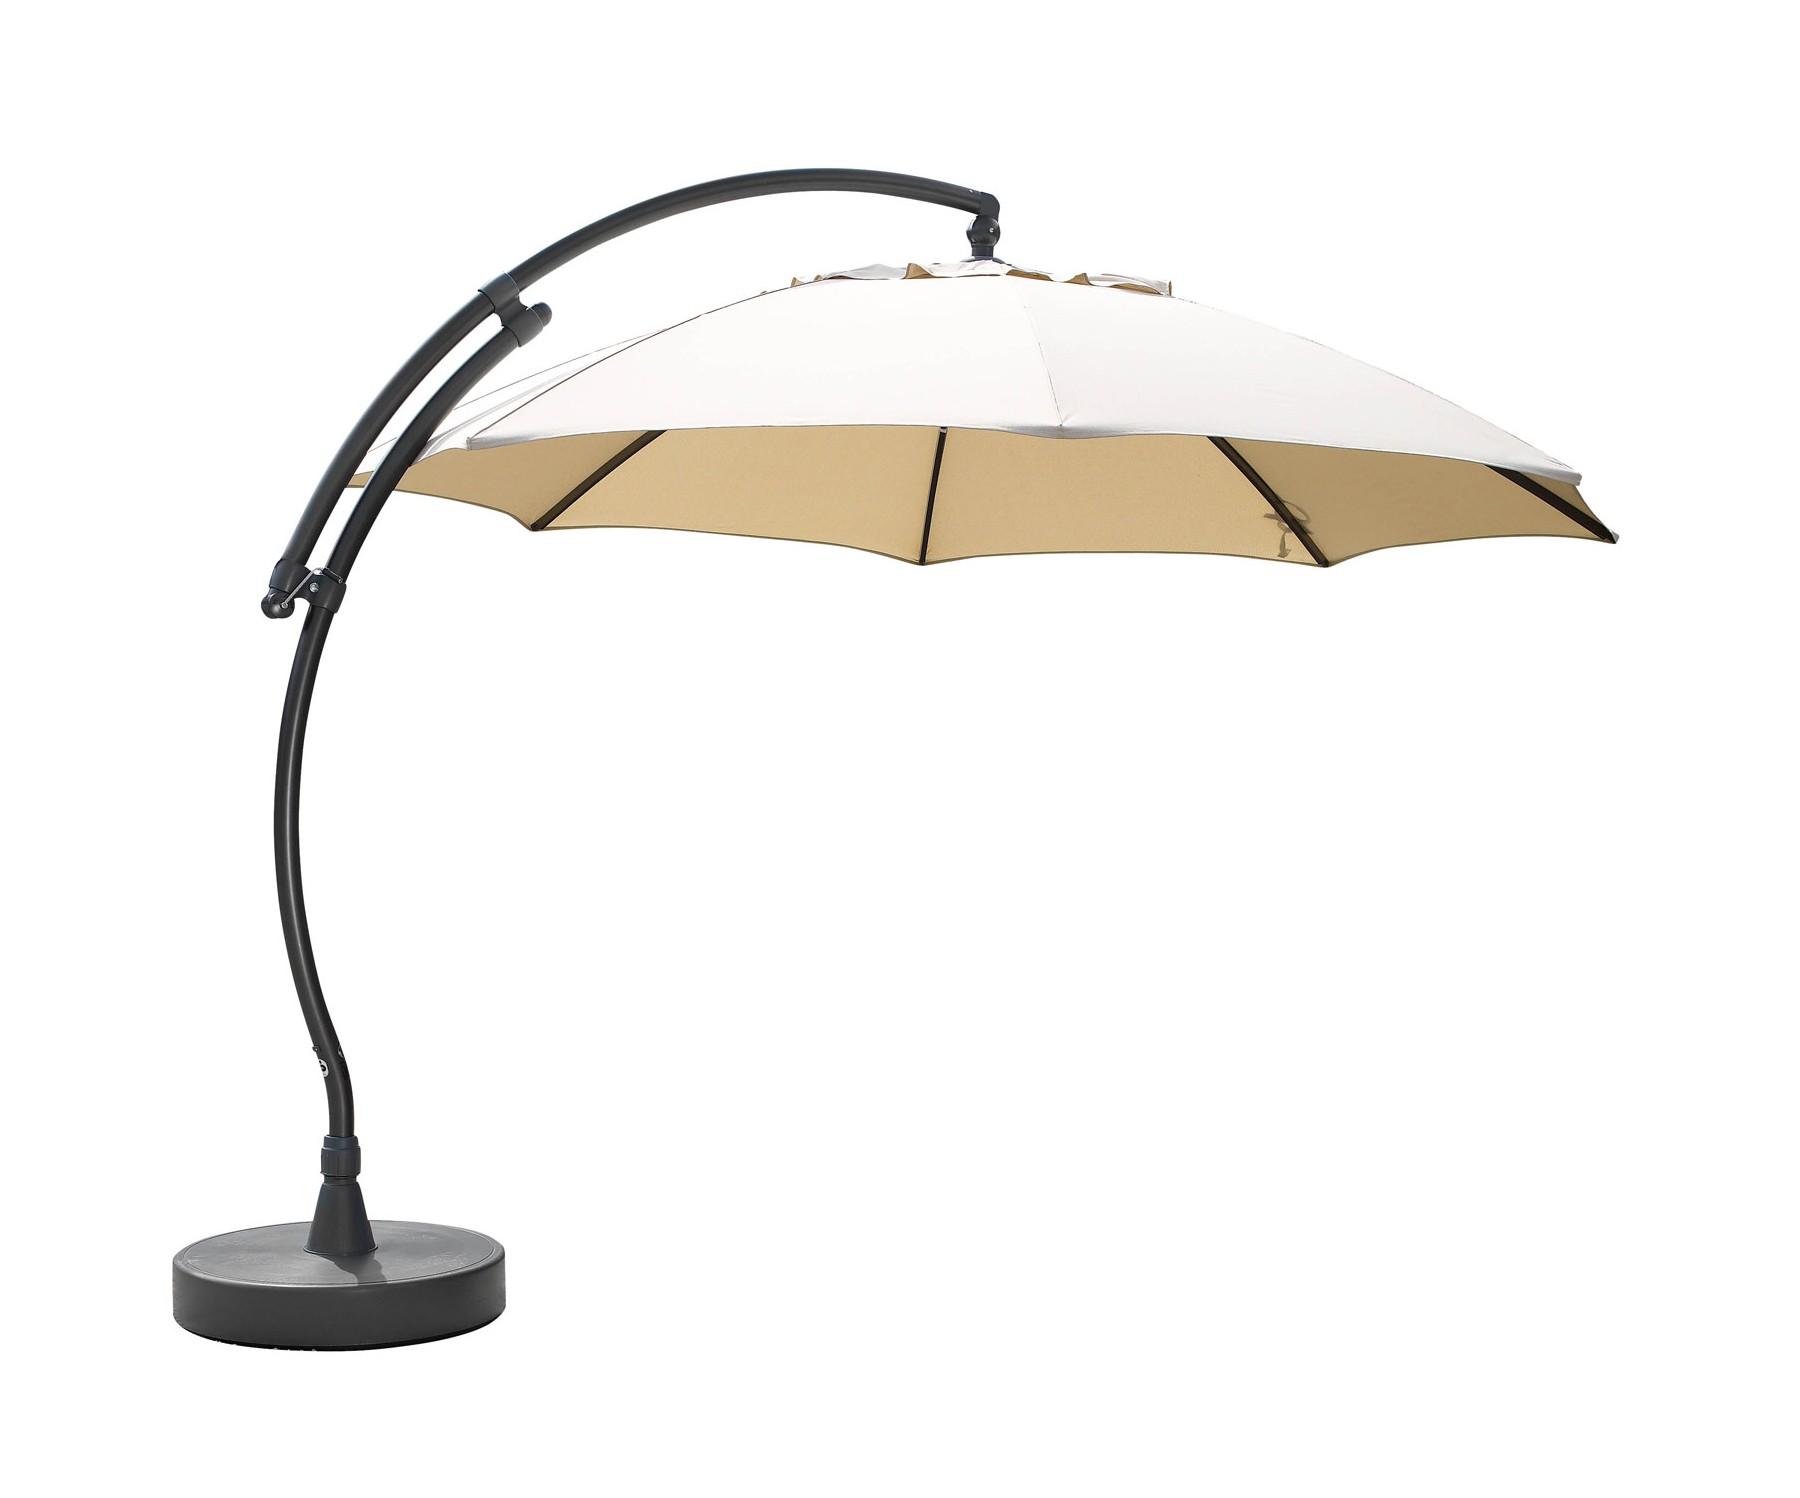 Зонт Easy SunТенты и зонты<br>Зонт Easy Sun с боковой ножкой. Купол зонта выполнен из олефина бежевого, коричневого или цвета антрацит, имеет вентиляционное отверстие. Каркас зонта изготовлен из алюминия серебристого или серого цвета.&amp;amp;nbsp;&amp;lt;div&amp;gt;&amp;lt;br&amp;gt;&amp;lt;/div&amp;gt;&amp;lt;div&amp;gt;Подставка приобретается отдельно.  Не требуется сборка.&amp;lt;/div&amp;gt;<br><br>Material: Алюминий<br>Height см: 250<br>Diameter см: 375